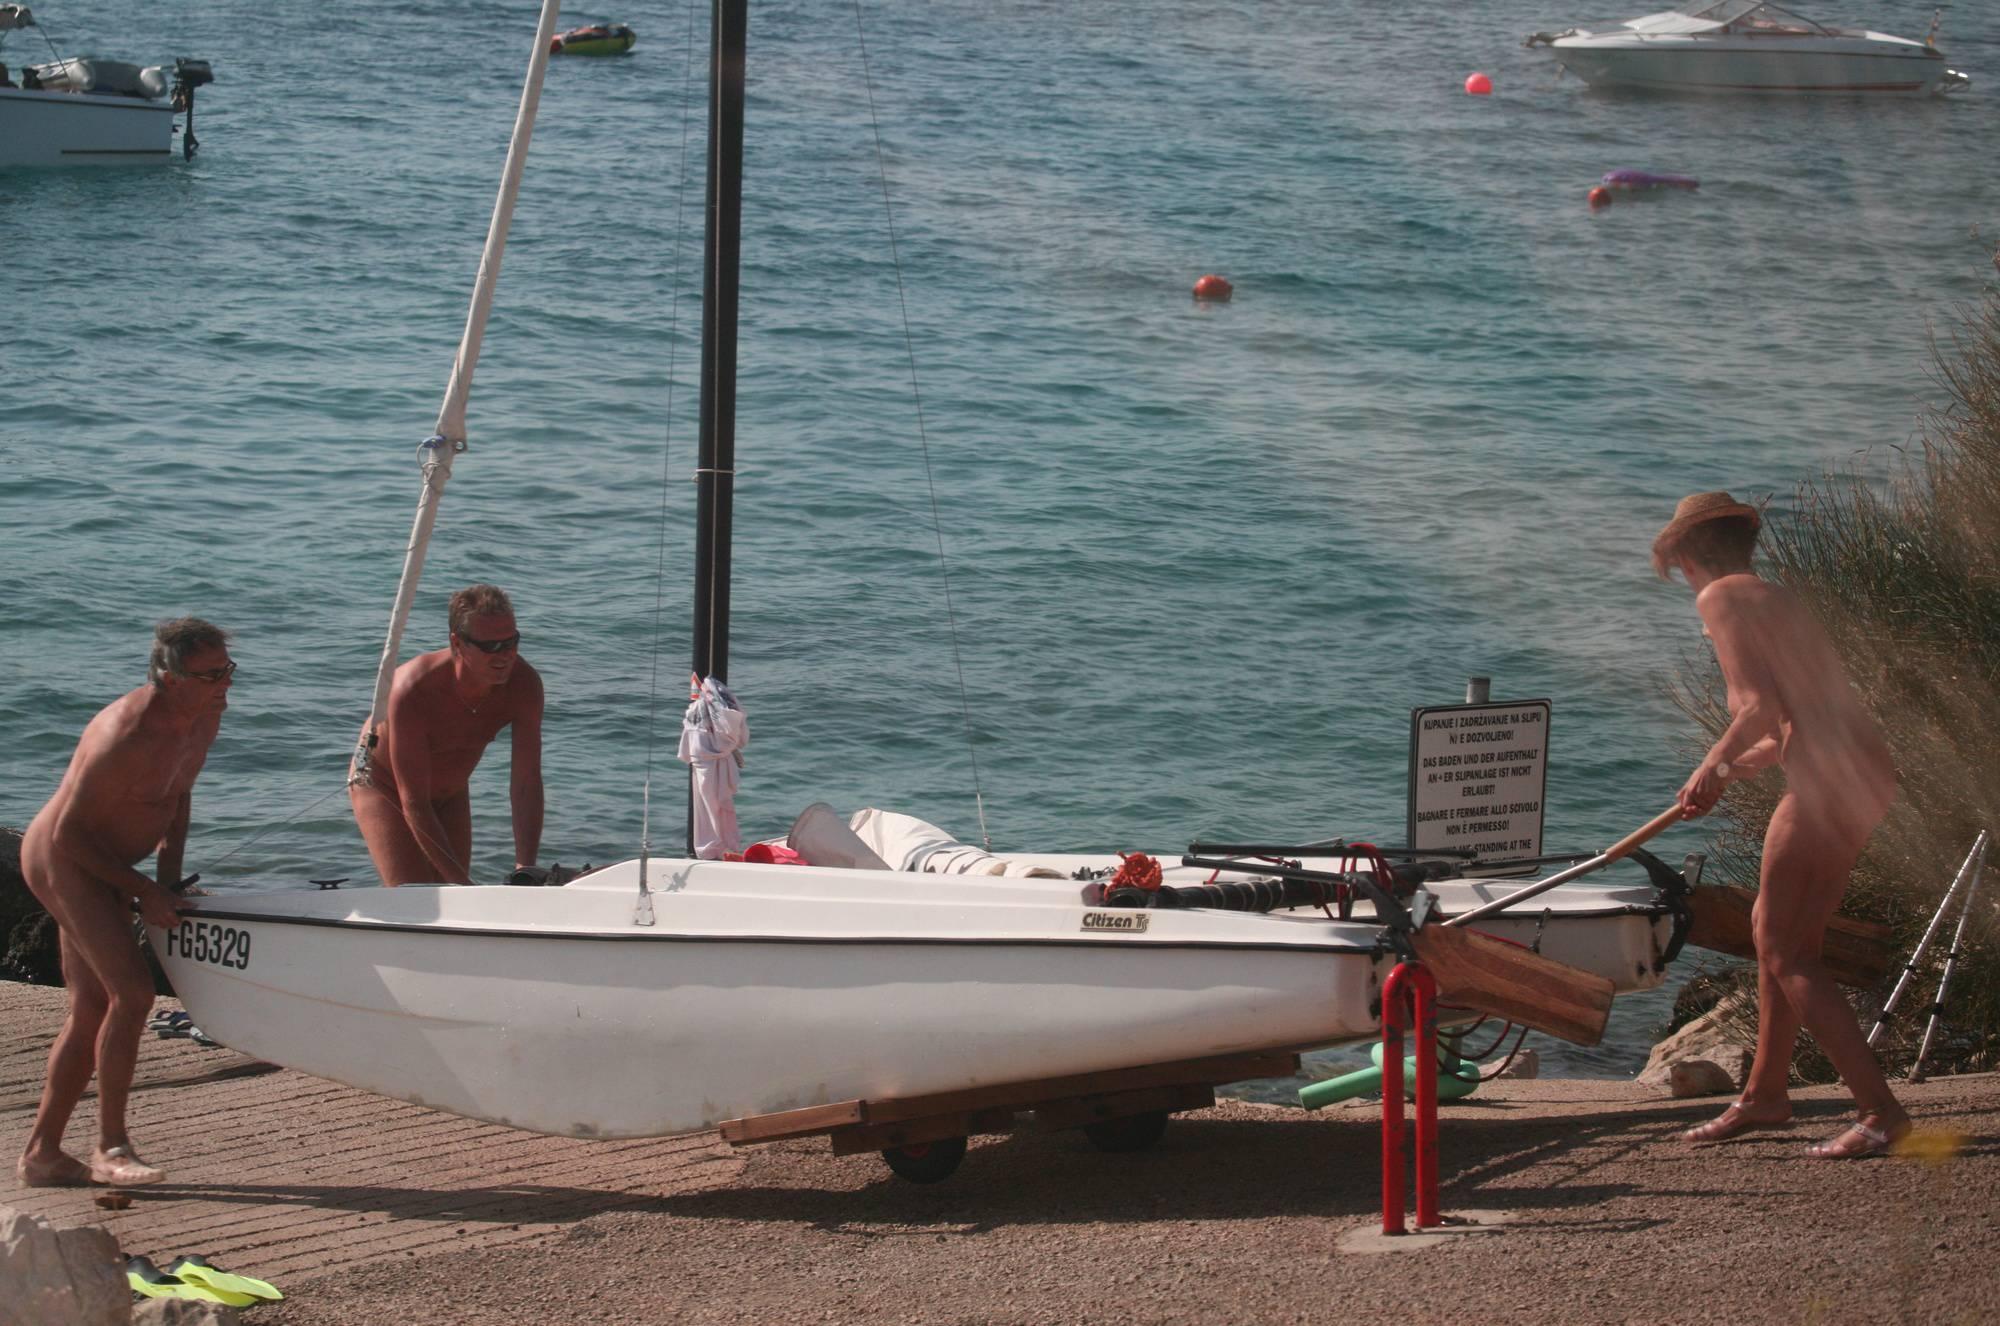 Bares FKK Water Boating - 2